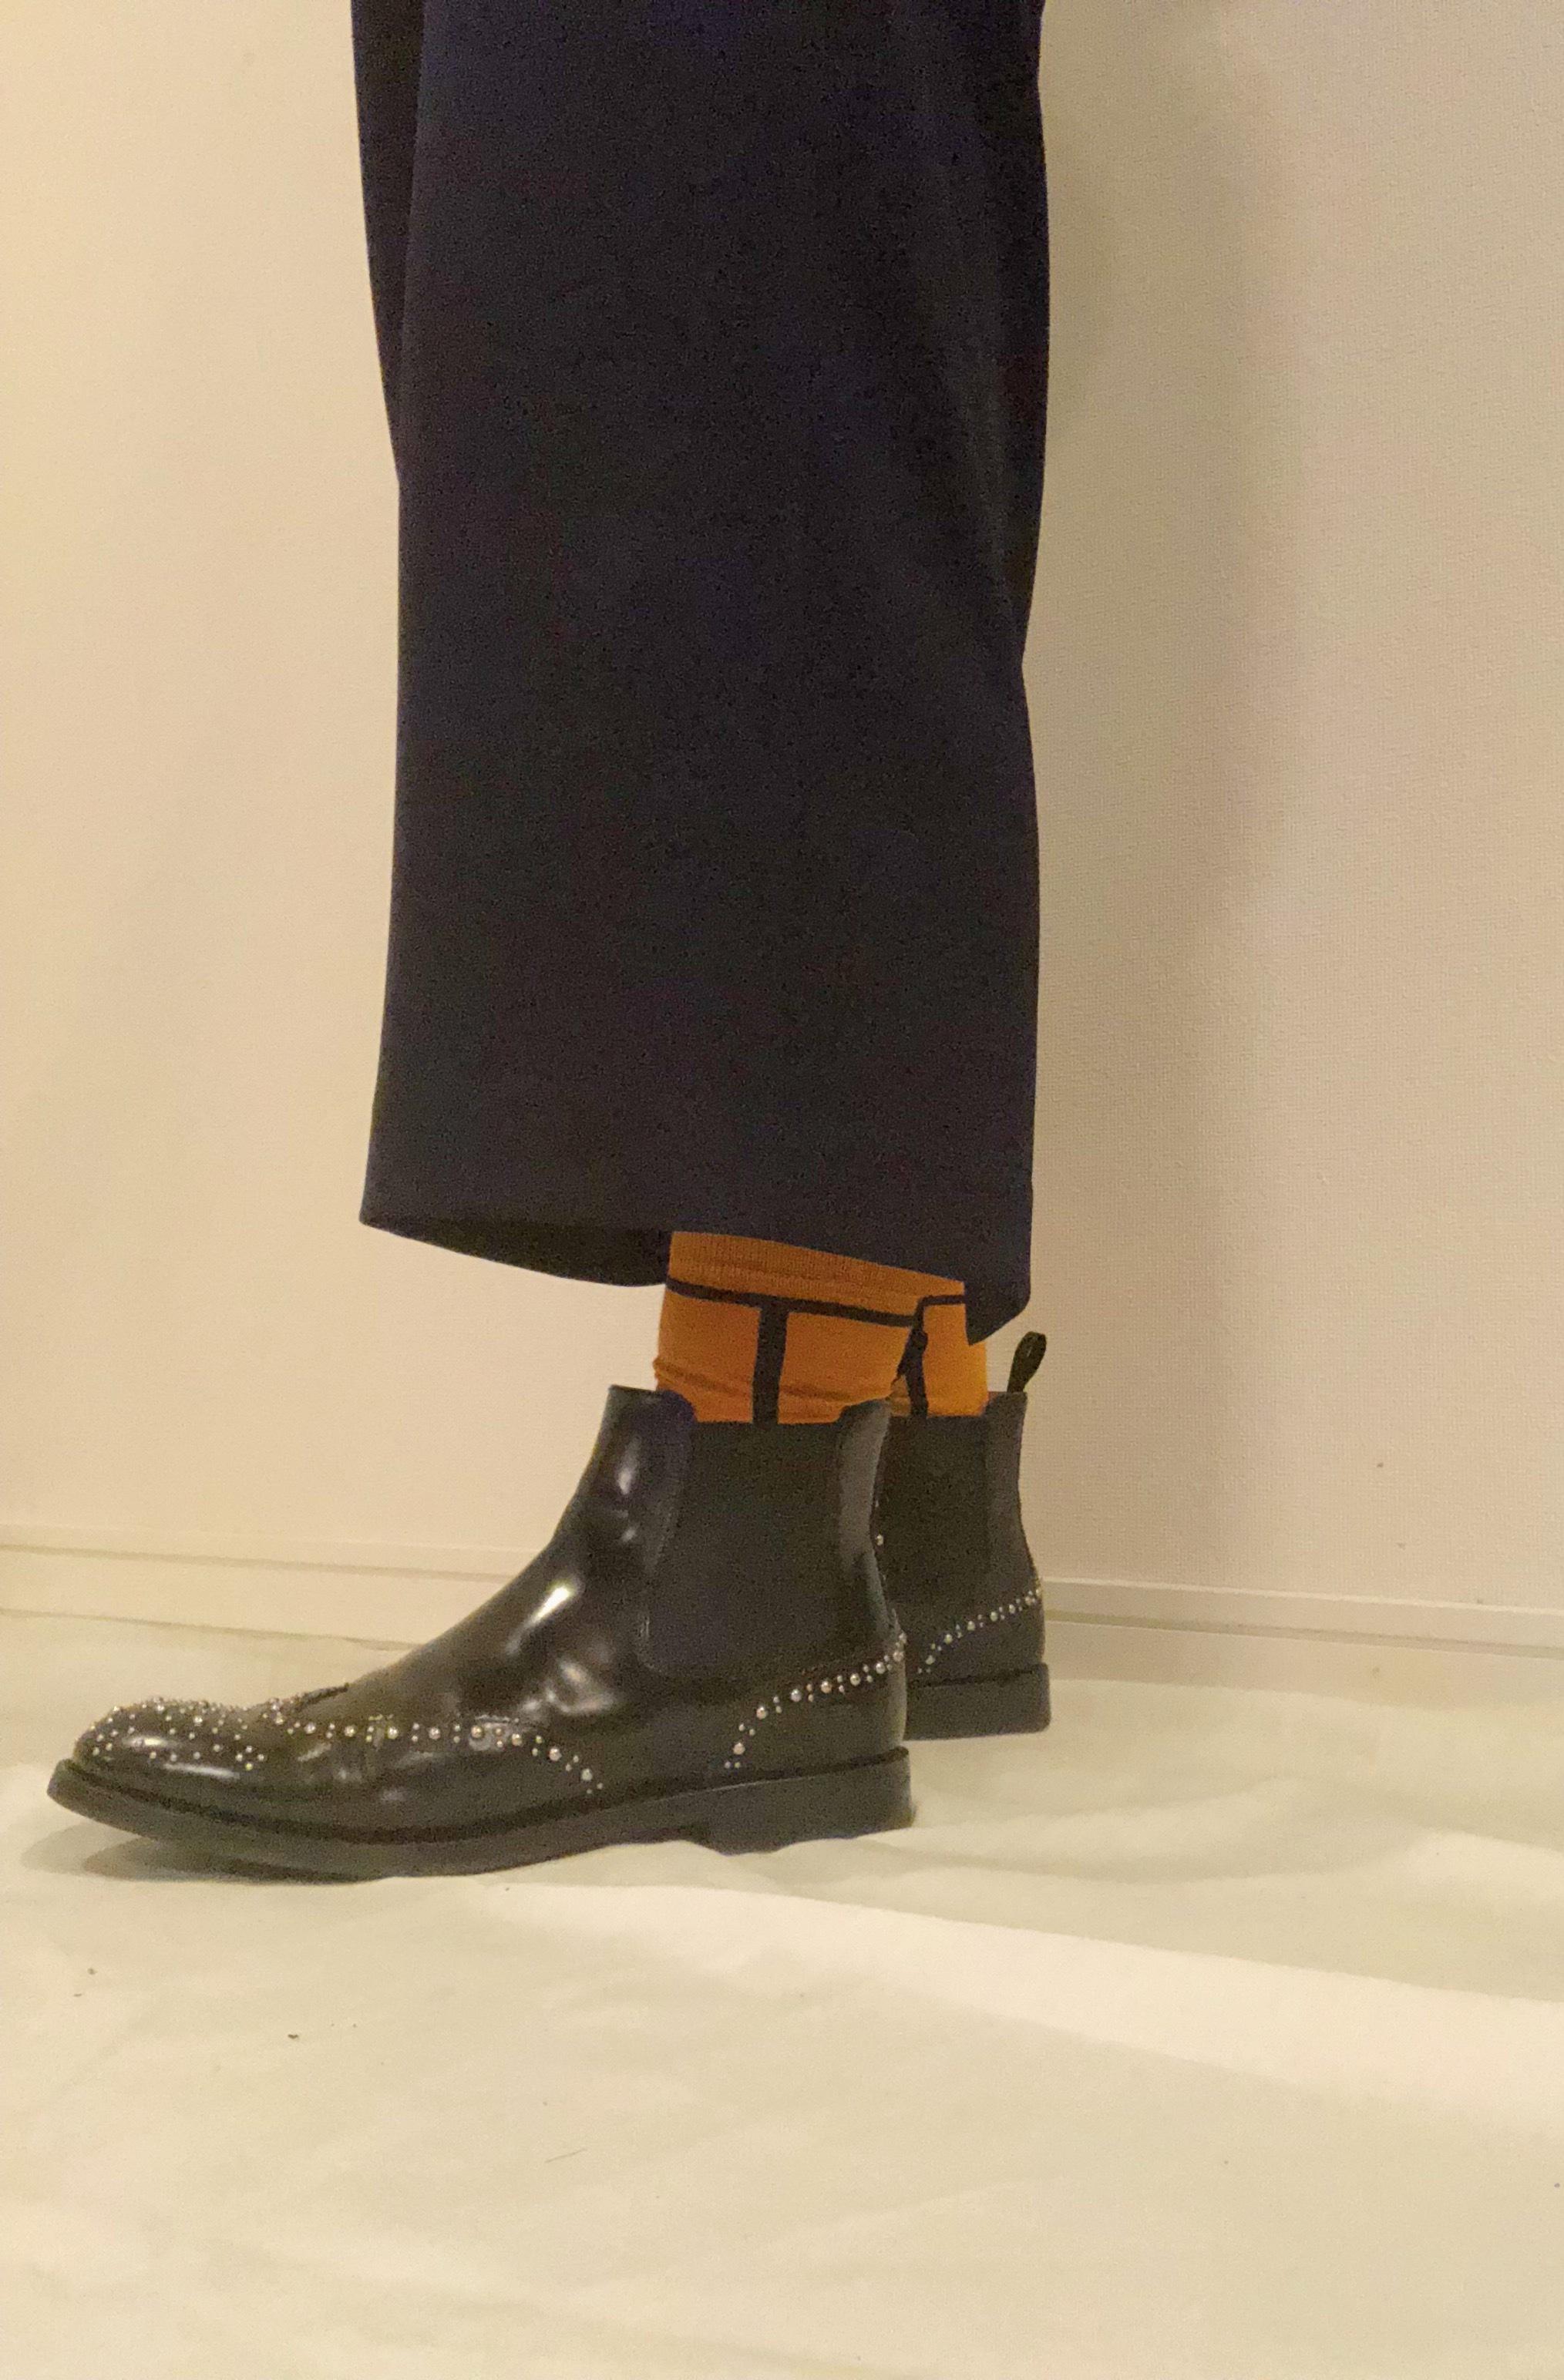 chicstocksのオシャレ靴下でコーディネートの幅が広がりました!_1_4